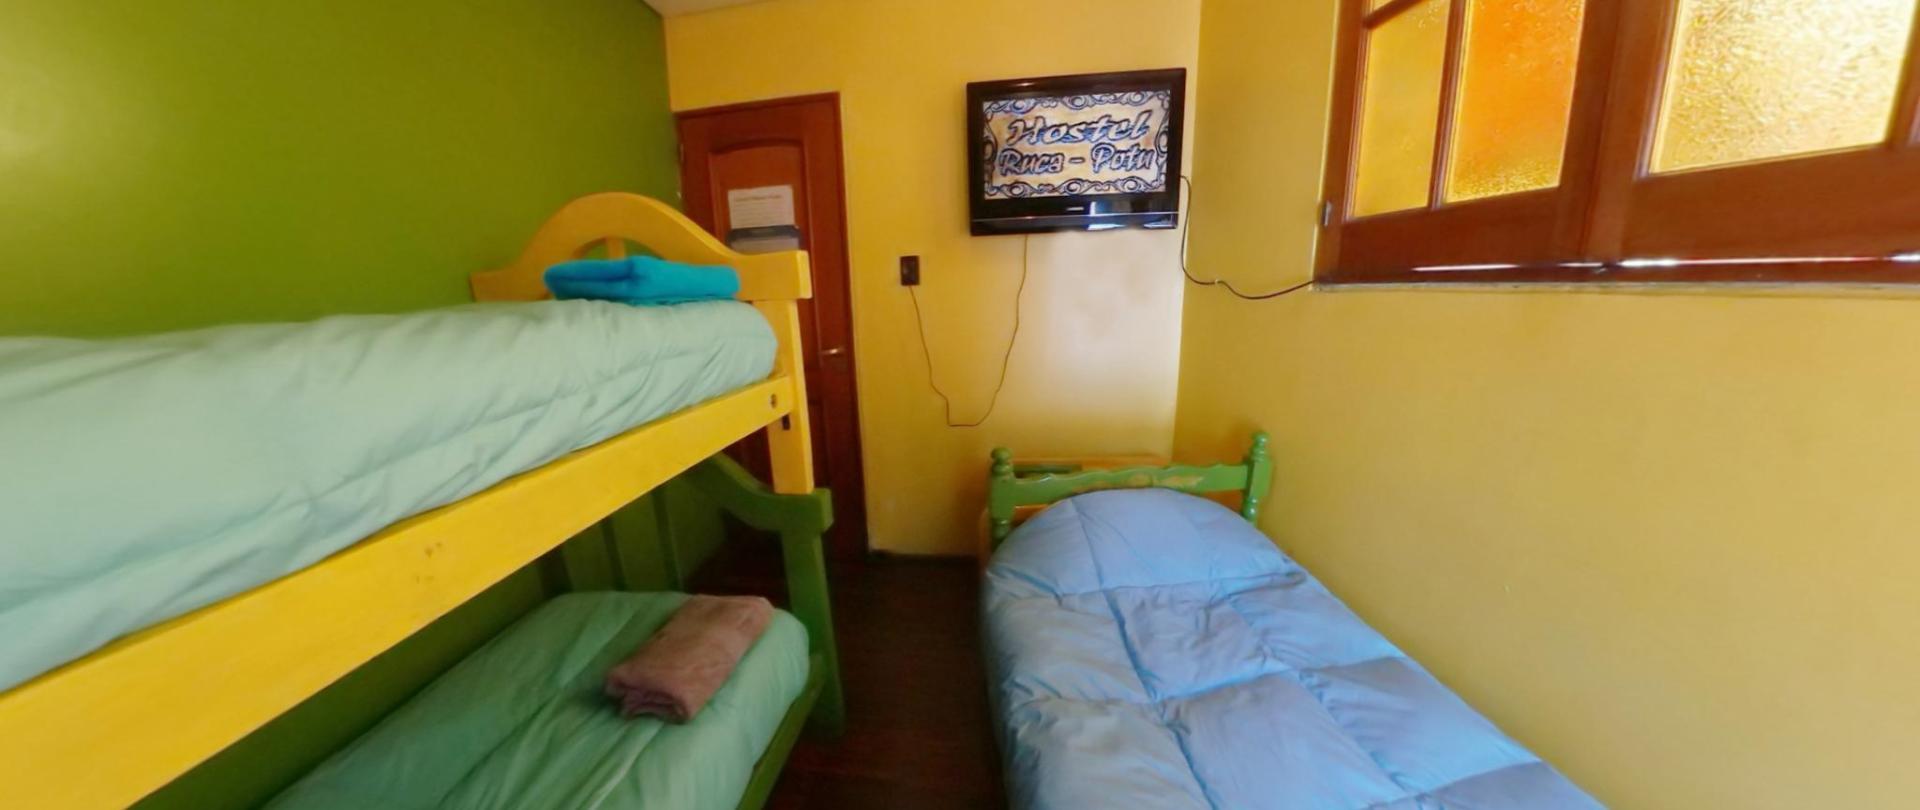 habitacion-3-1.png